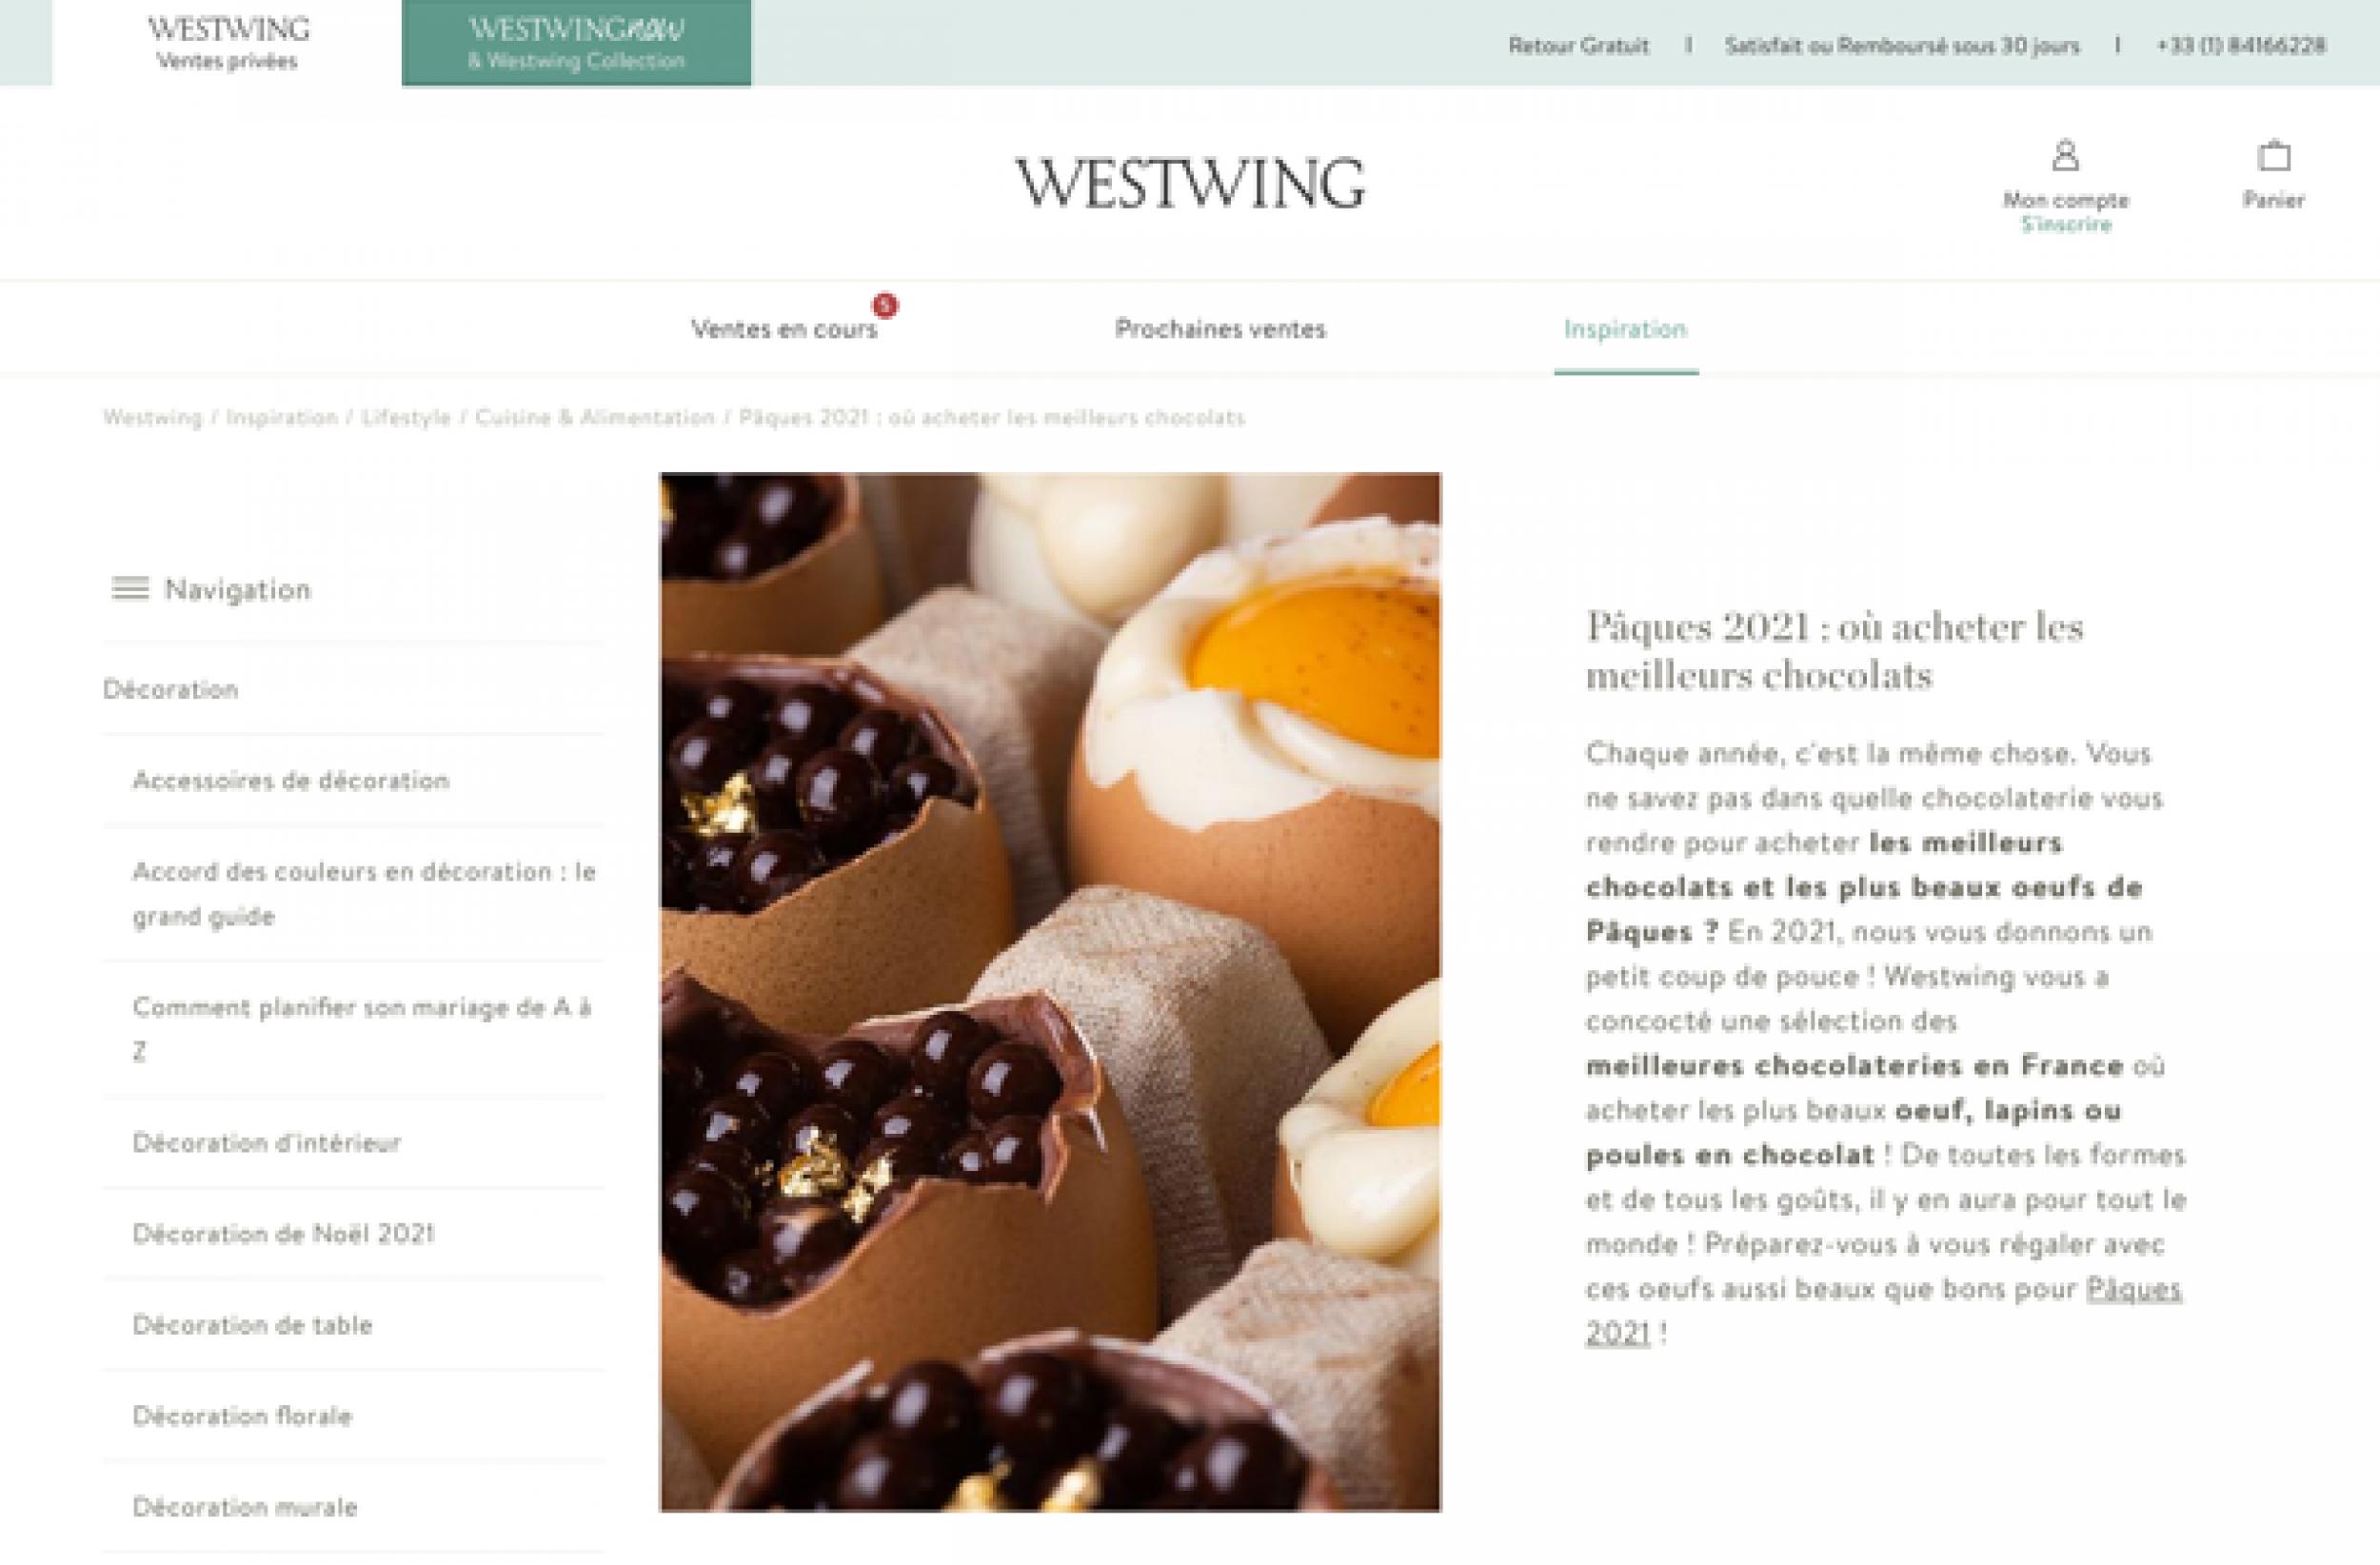 Les meilleurs chocolats de Pâques 2021 | Westwing